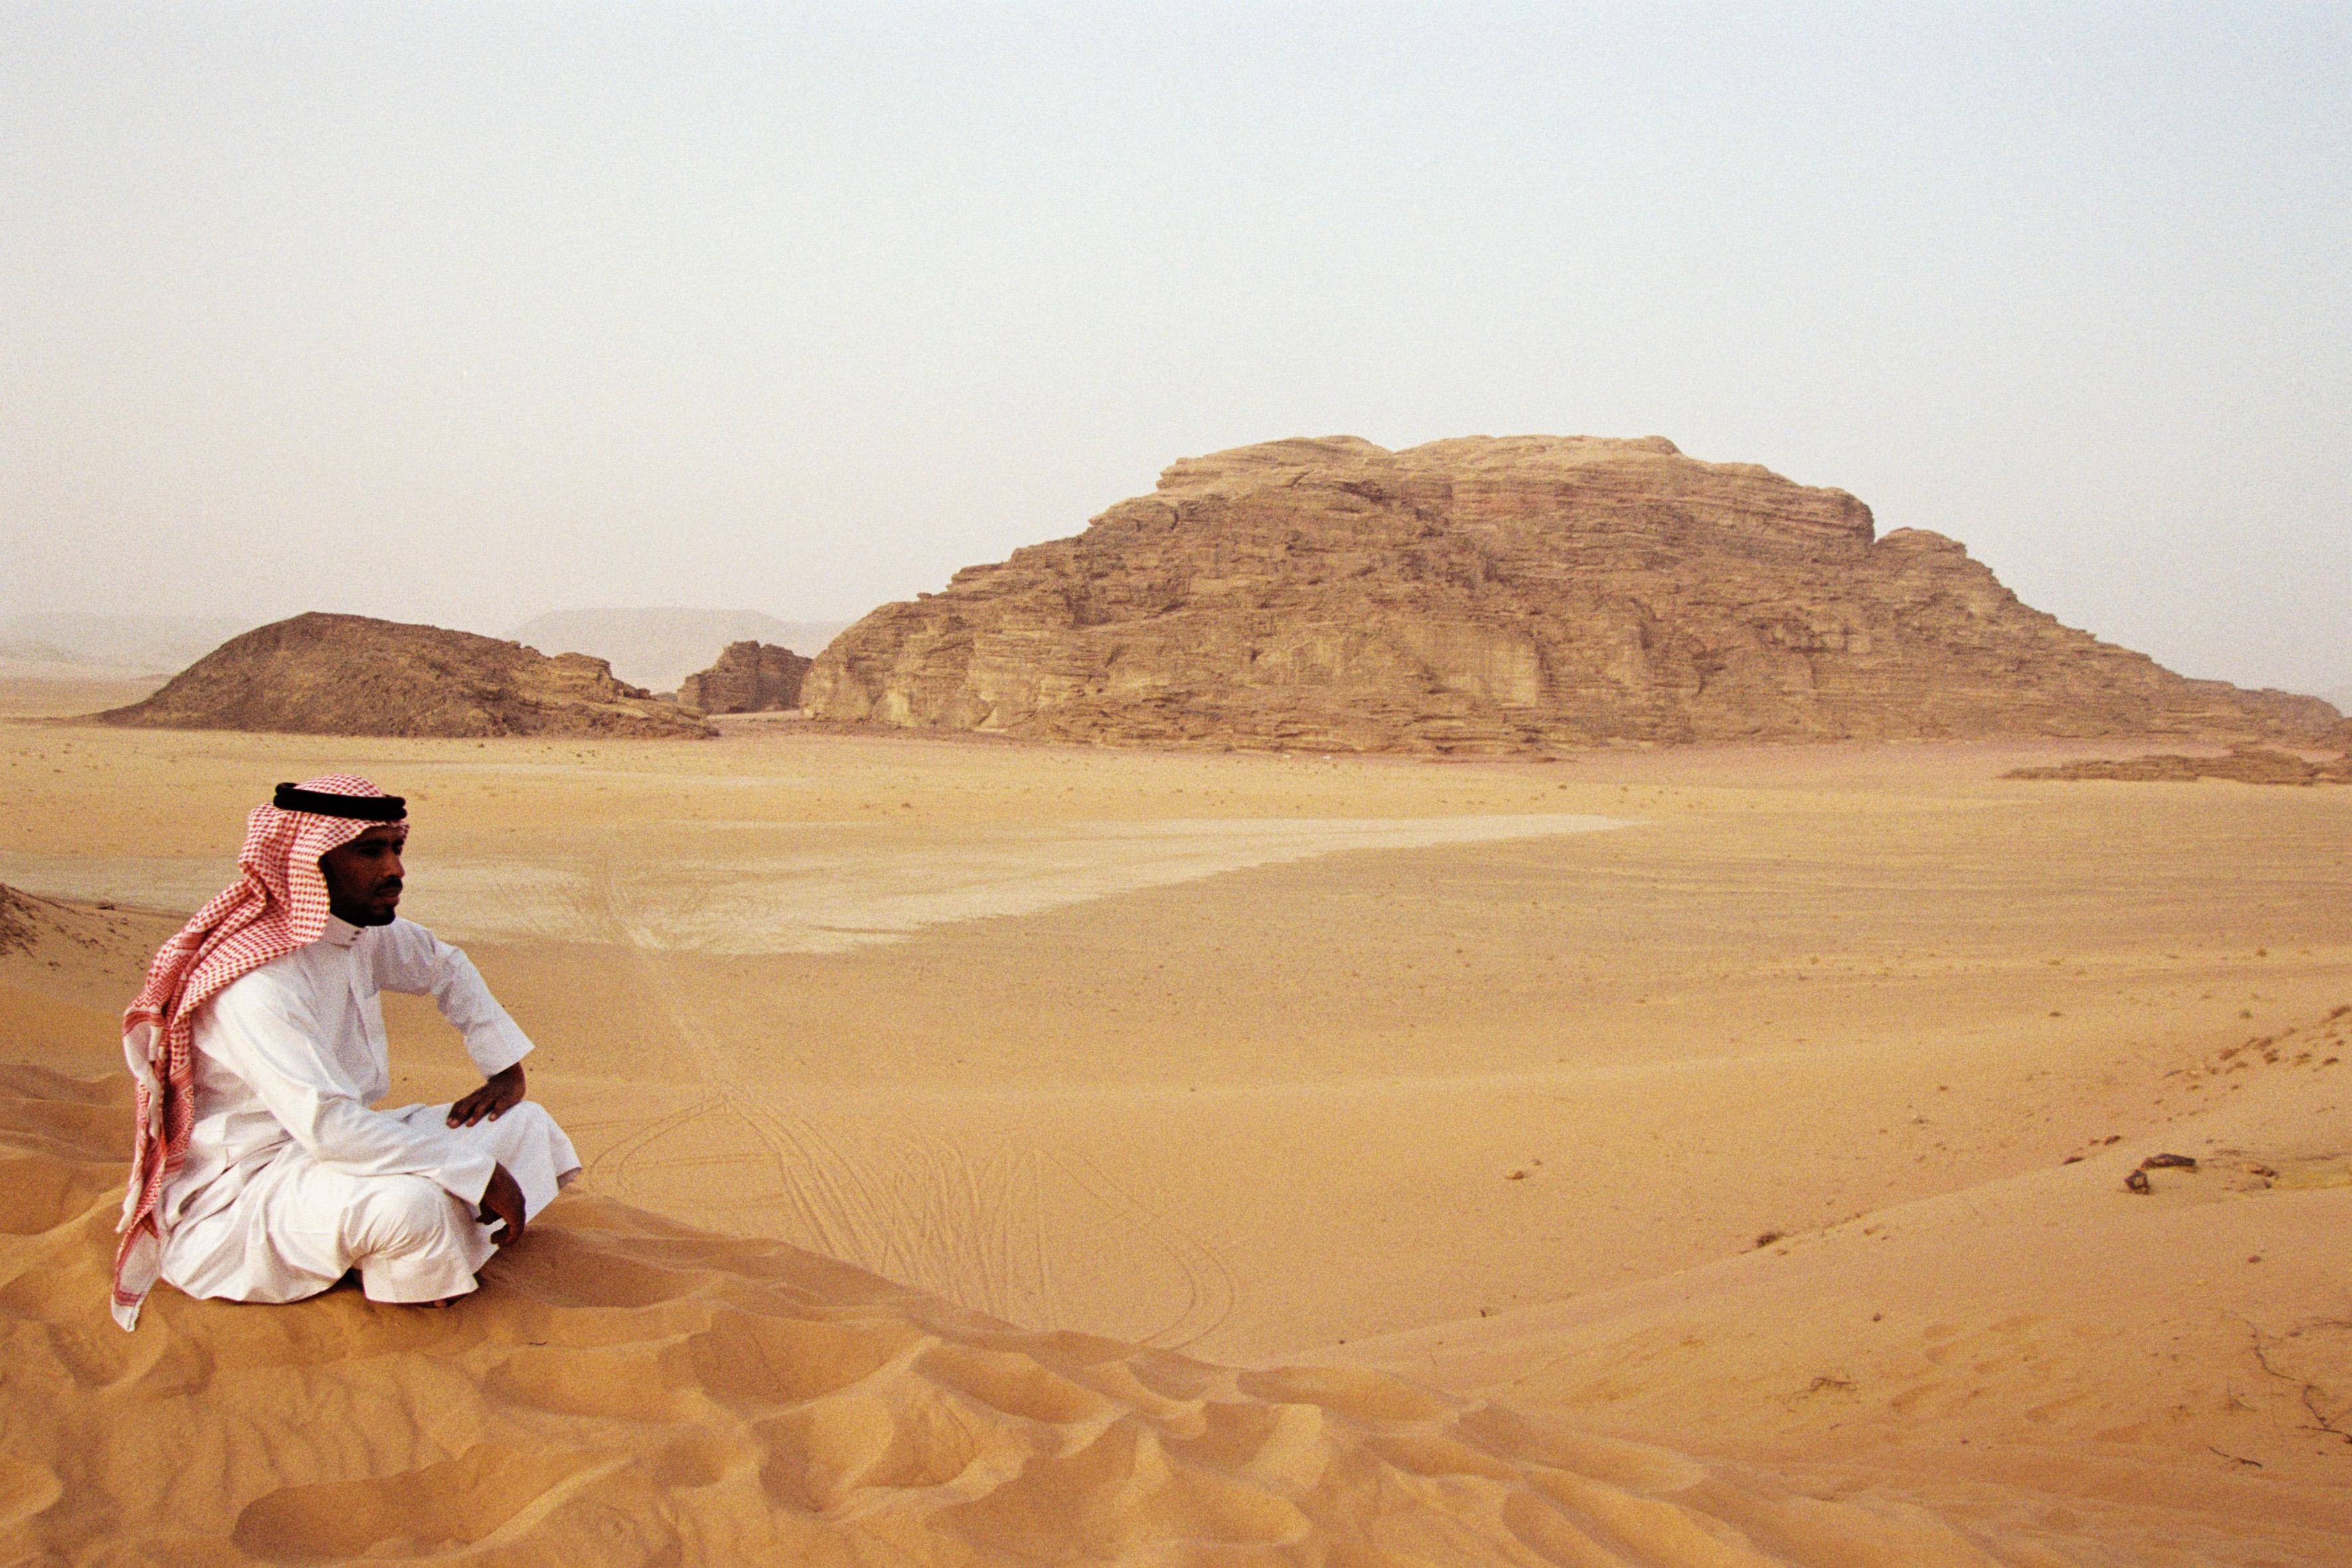 Wadi_Rum_Protected_Area,_Jordan